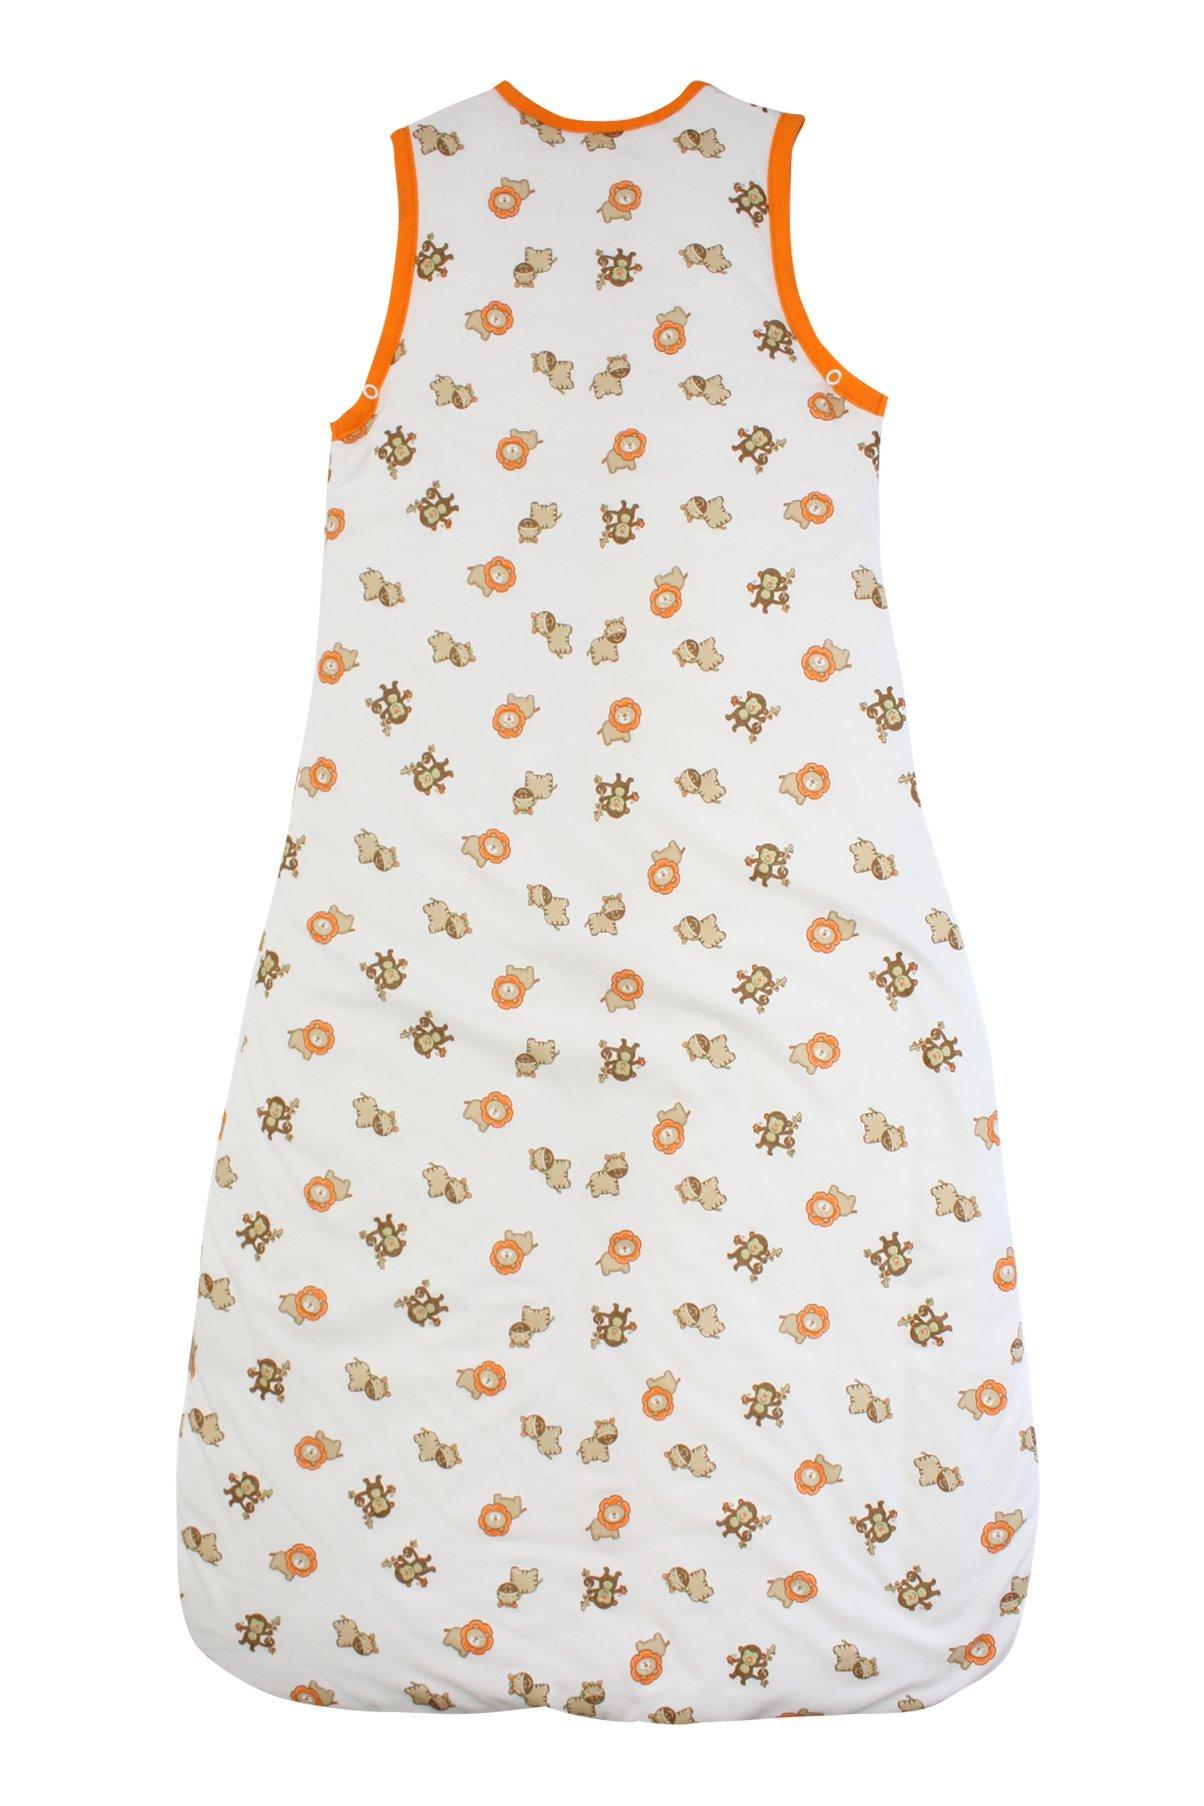 Saco de dormir de verano para niño Slumbersac 1.0 Tog AOP Simplemente Zoológico 18-36 meses/110cm